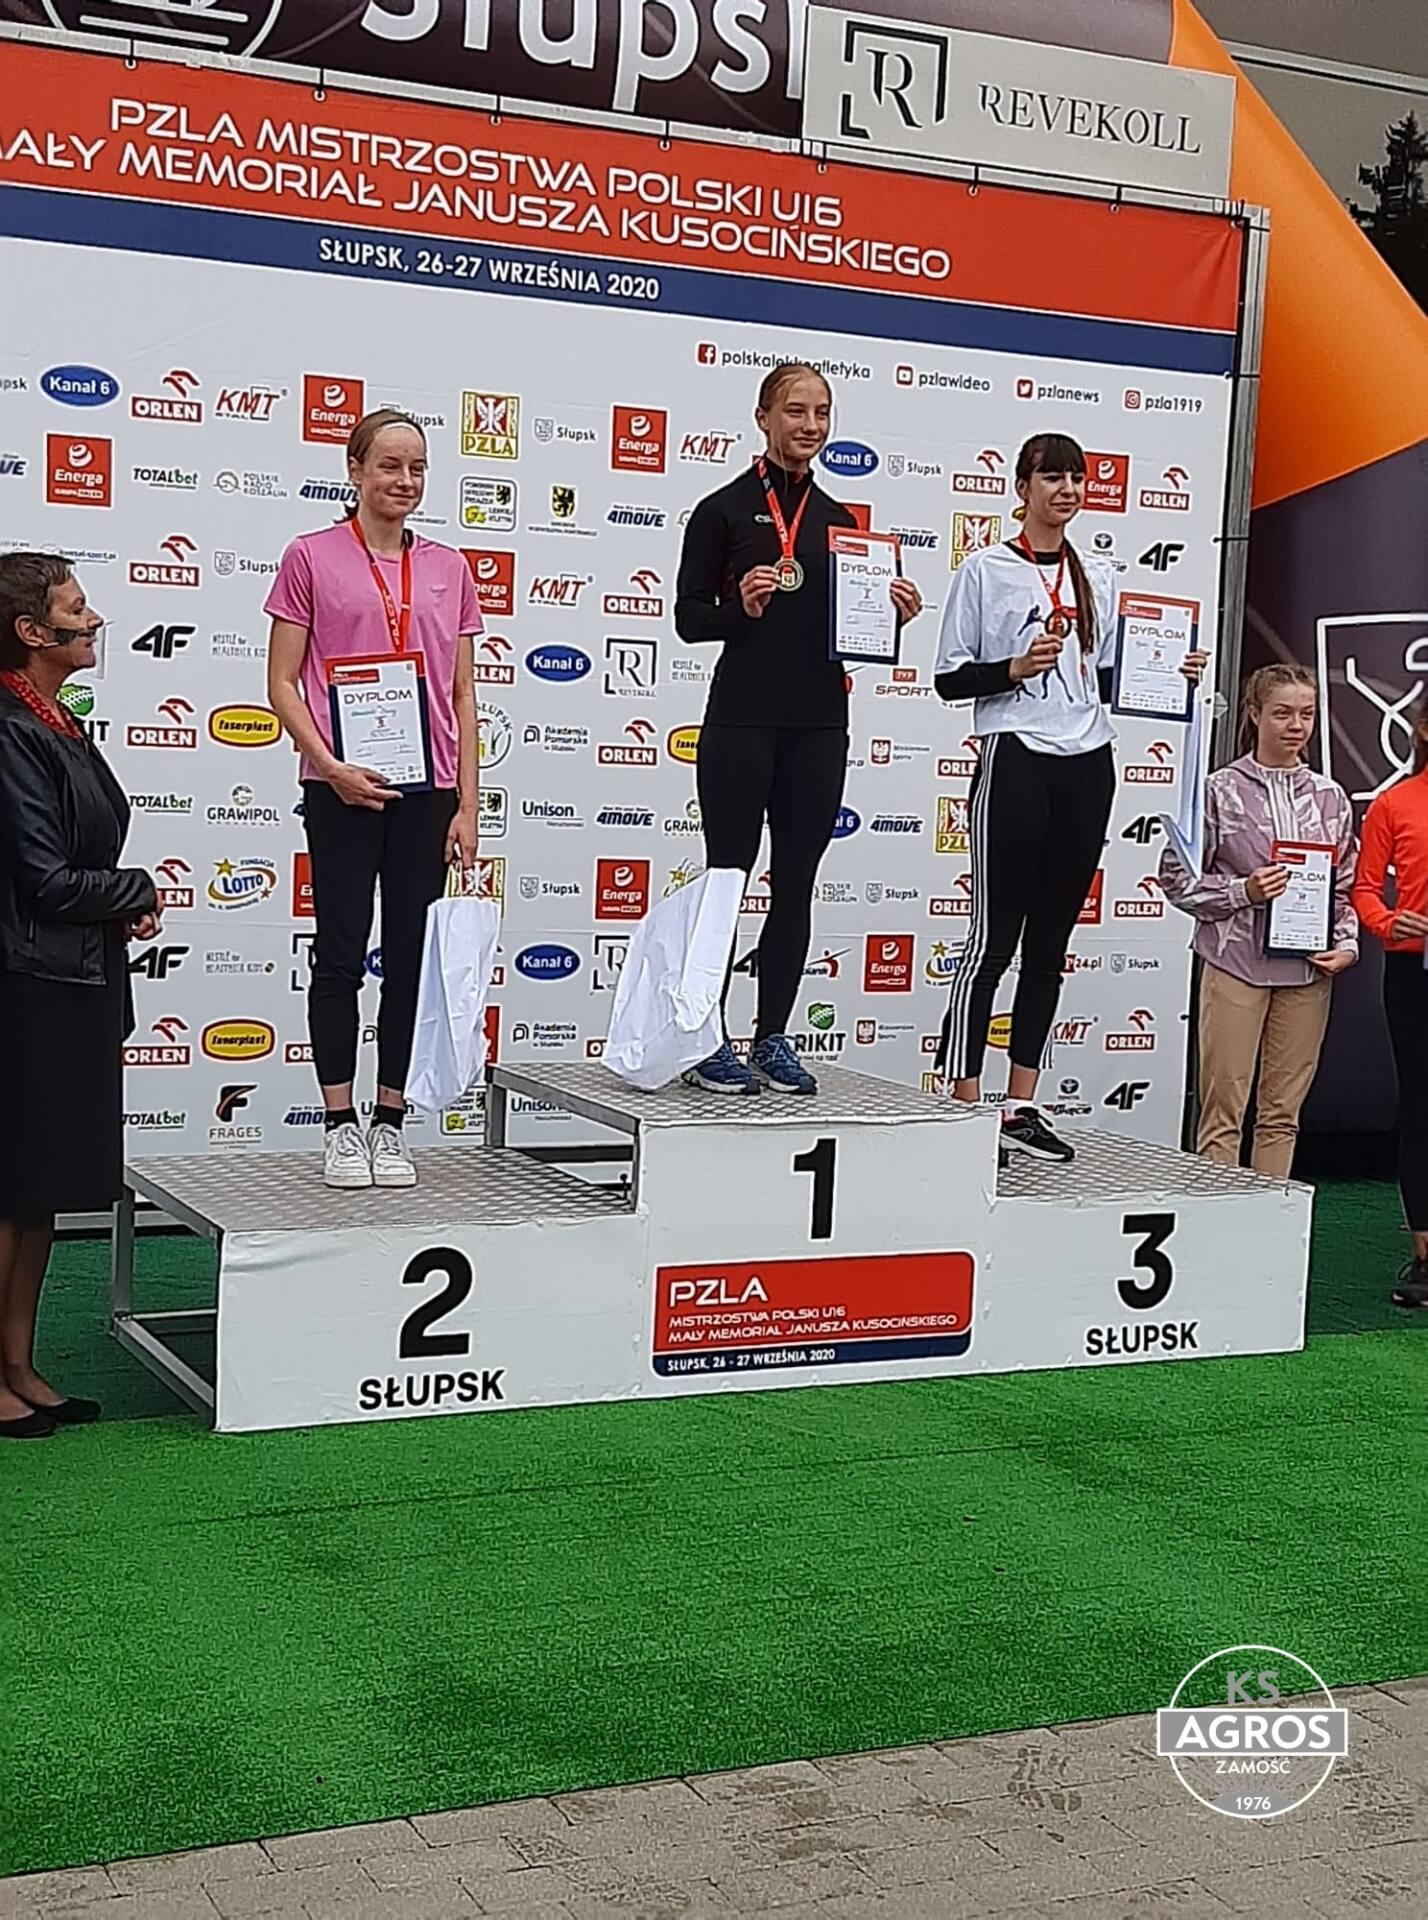 120280018 987522078395159 8707118603126400211 n Szybka jak błyskawica. Zamojska sprinterka - Martyna Seń pobiła rekord Polski!